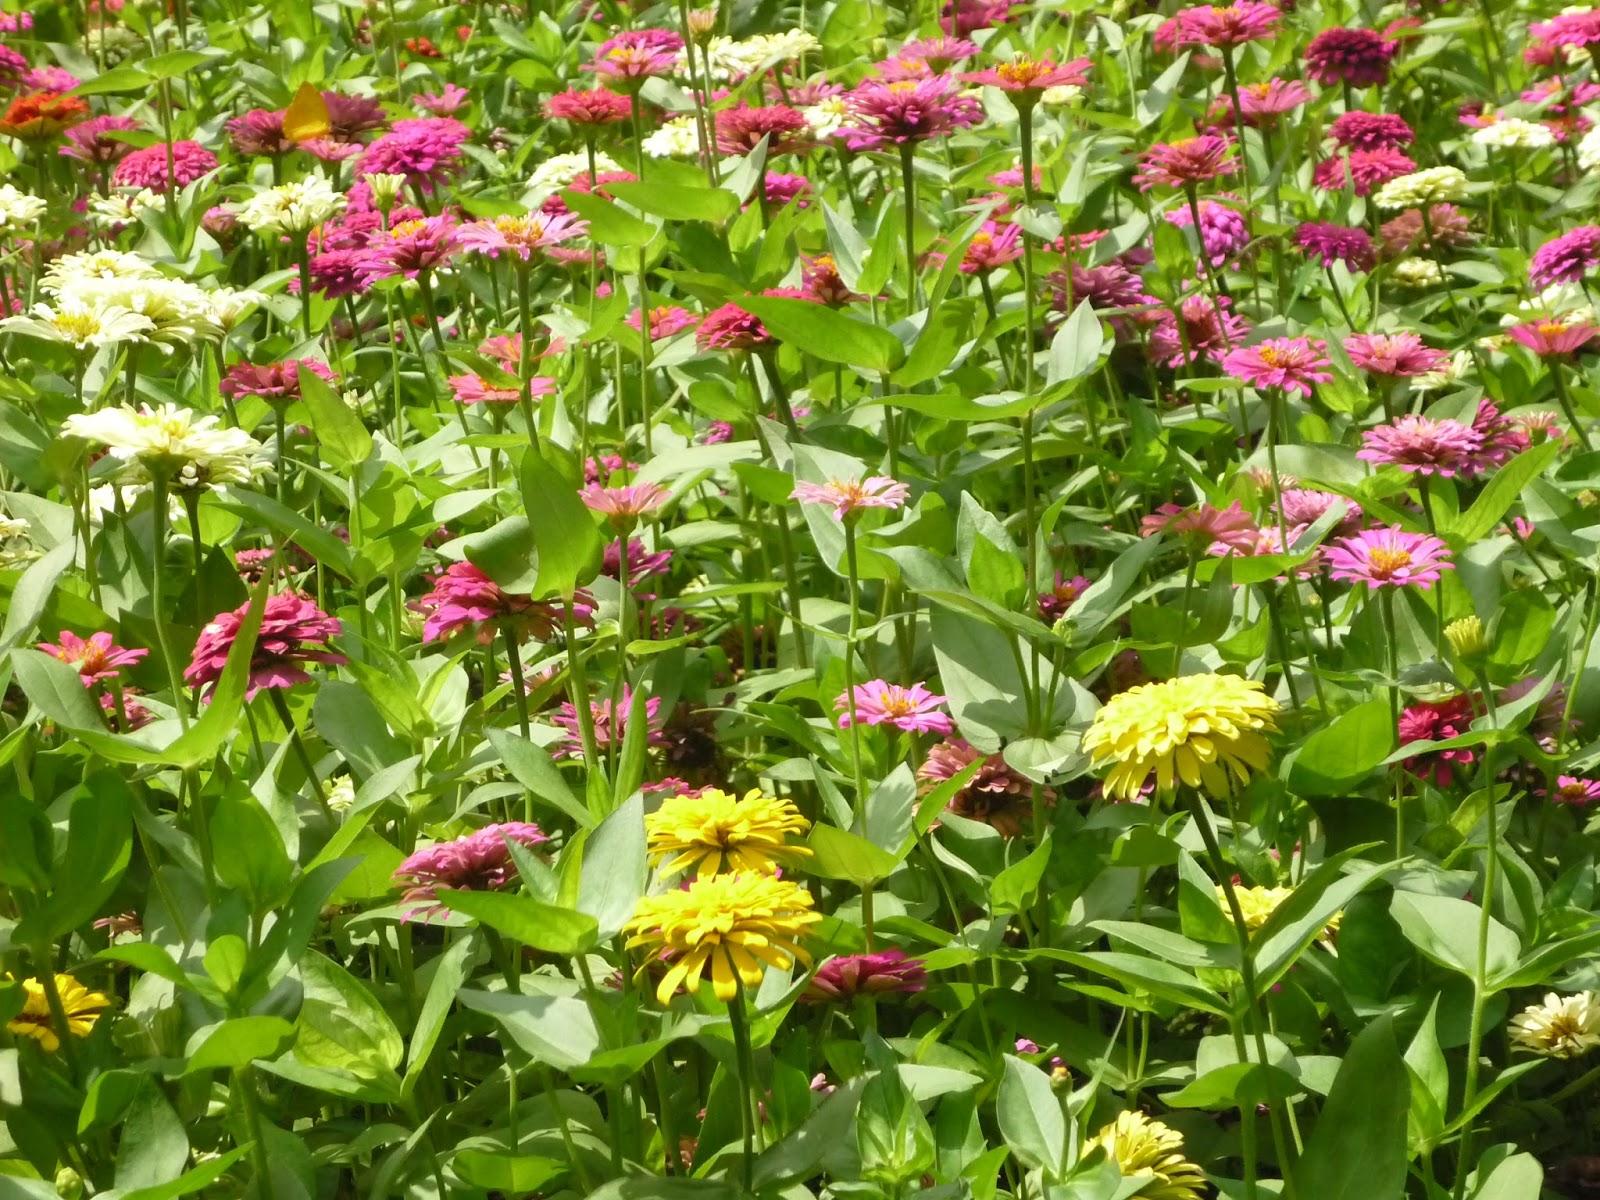 Gợi ý, những loài cây, có hoa, dễ trồng, cho khu vườn, nhà bạn